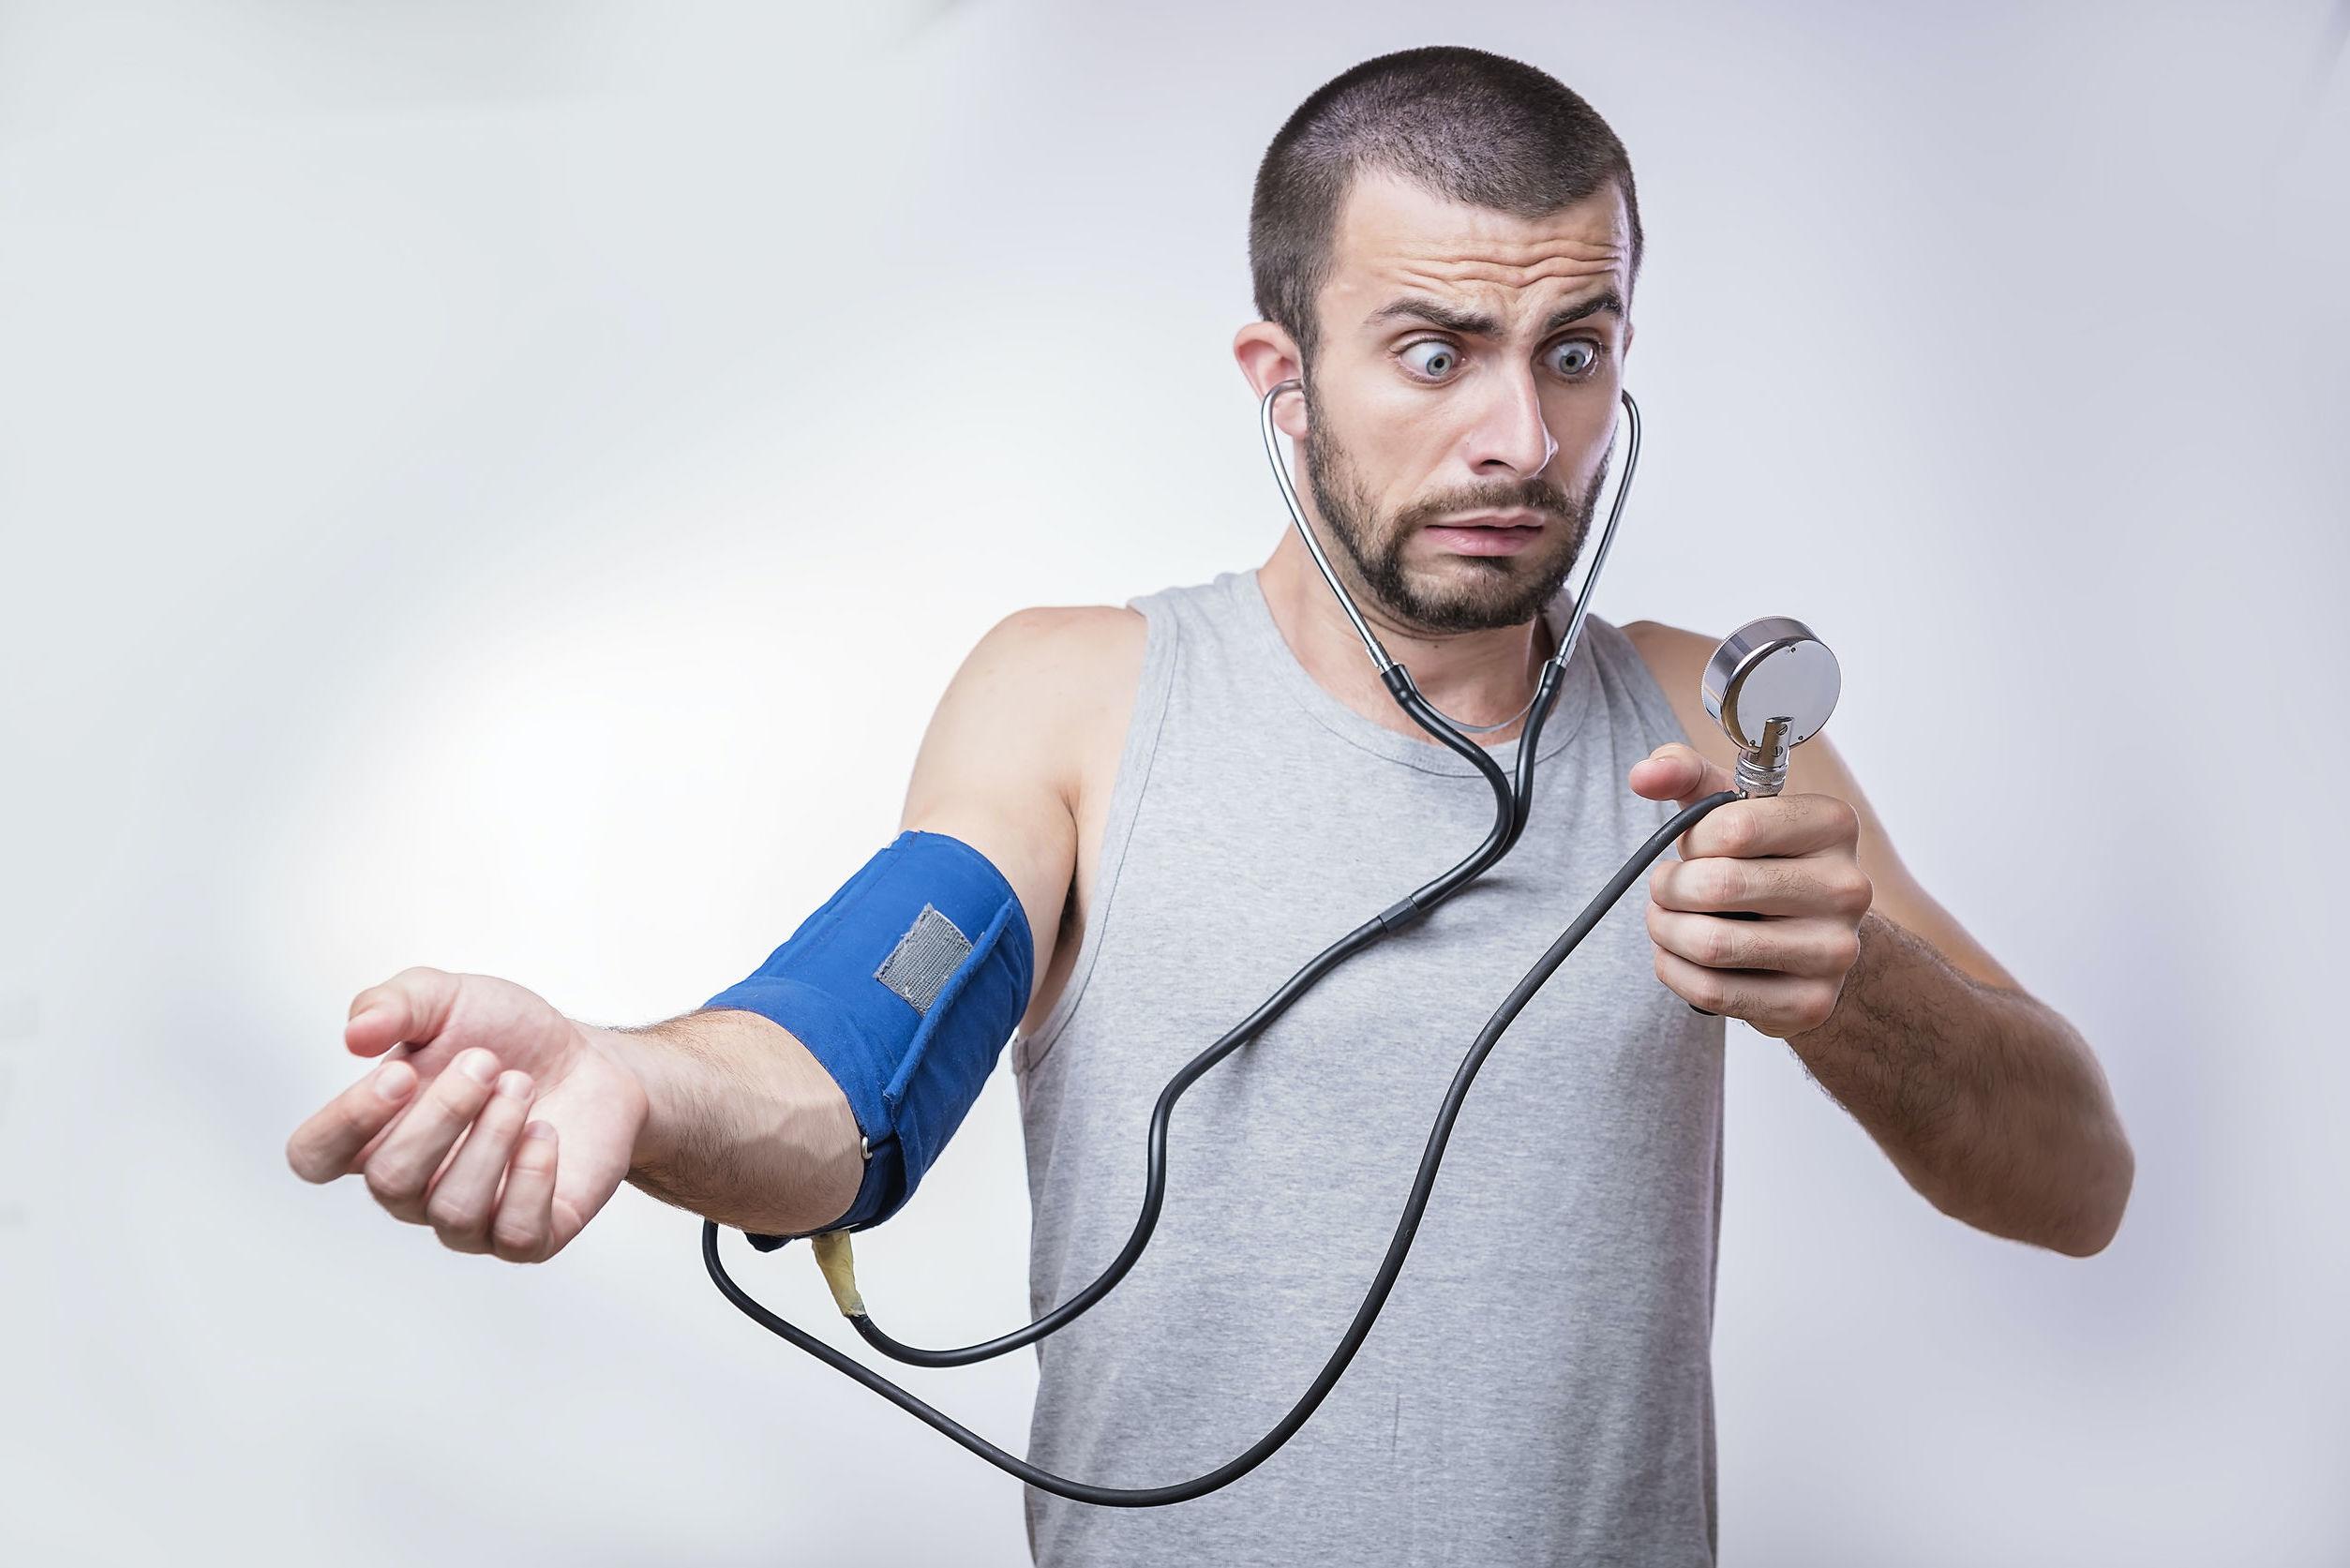 lehetséges-e teljes életben élni magas vérnyomás esetén